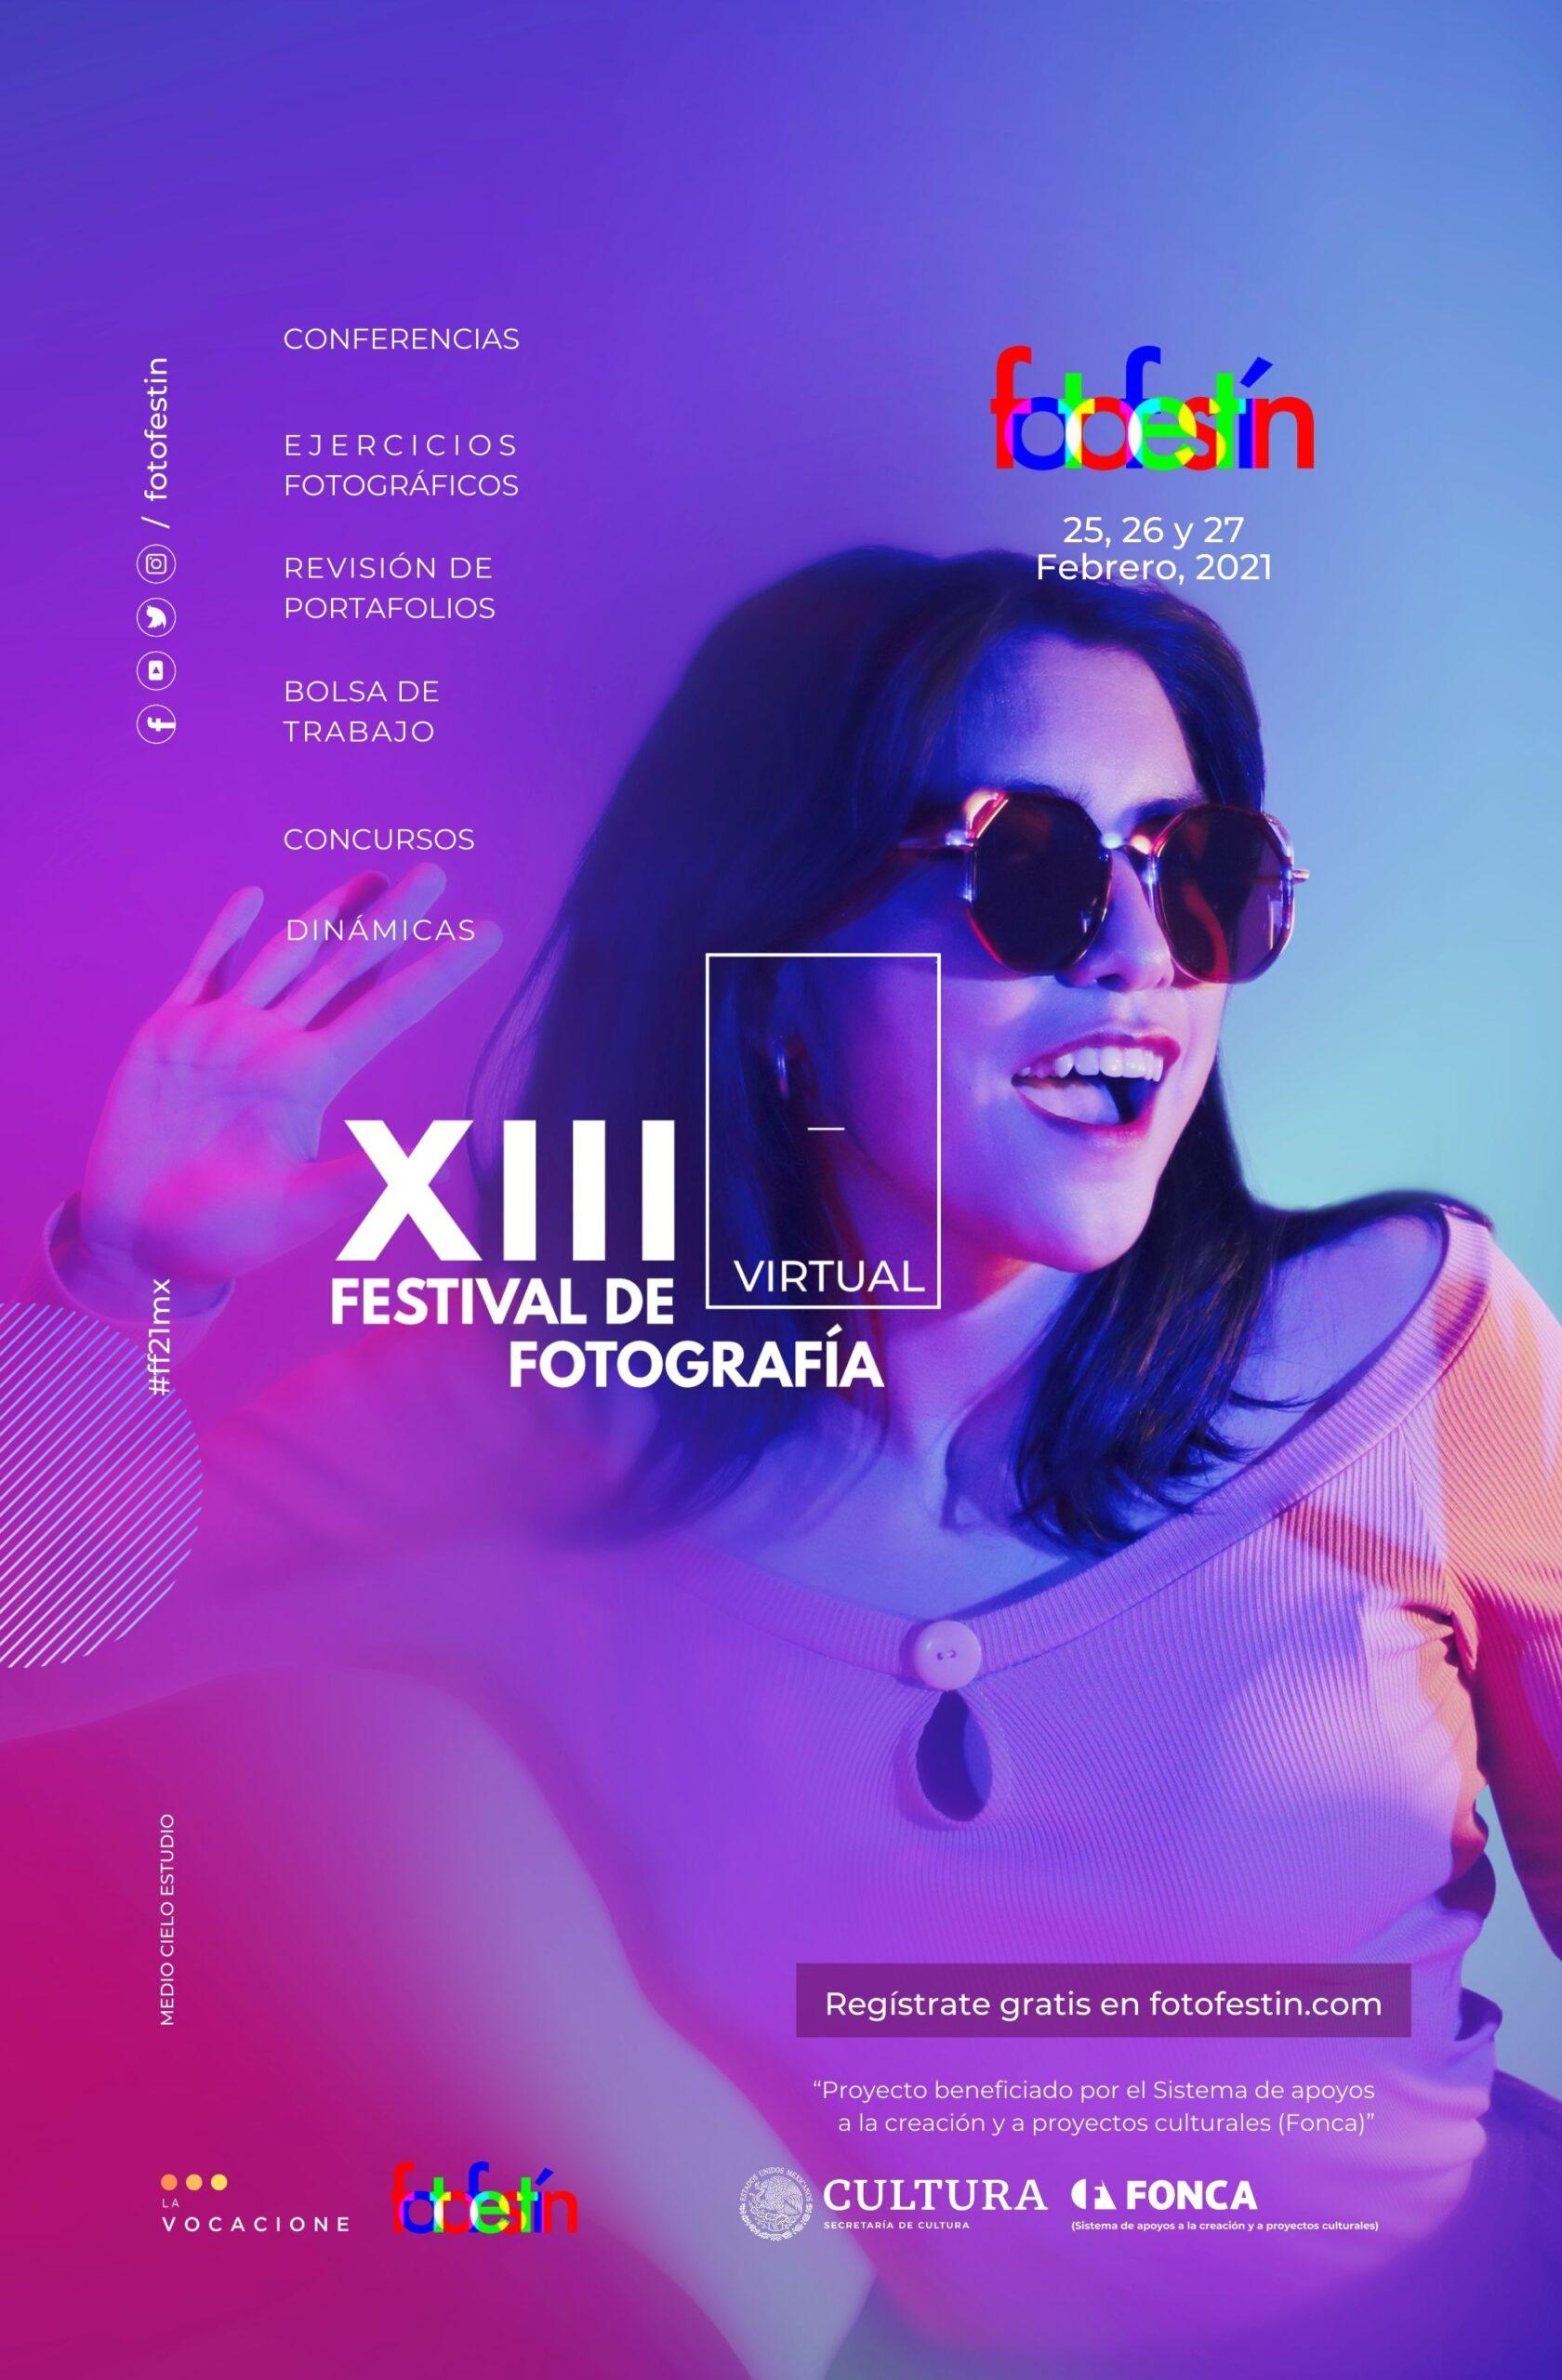 XIII Festival de Fotografía fotofestín conferencias clases talleres ejercicios fotográficos portafolios fotografos fotografas cámaras banner pop up